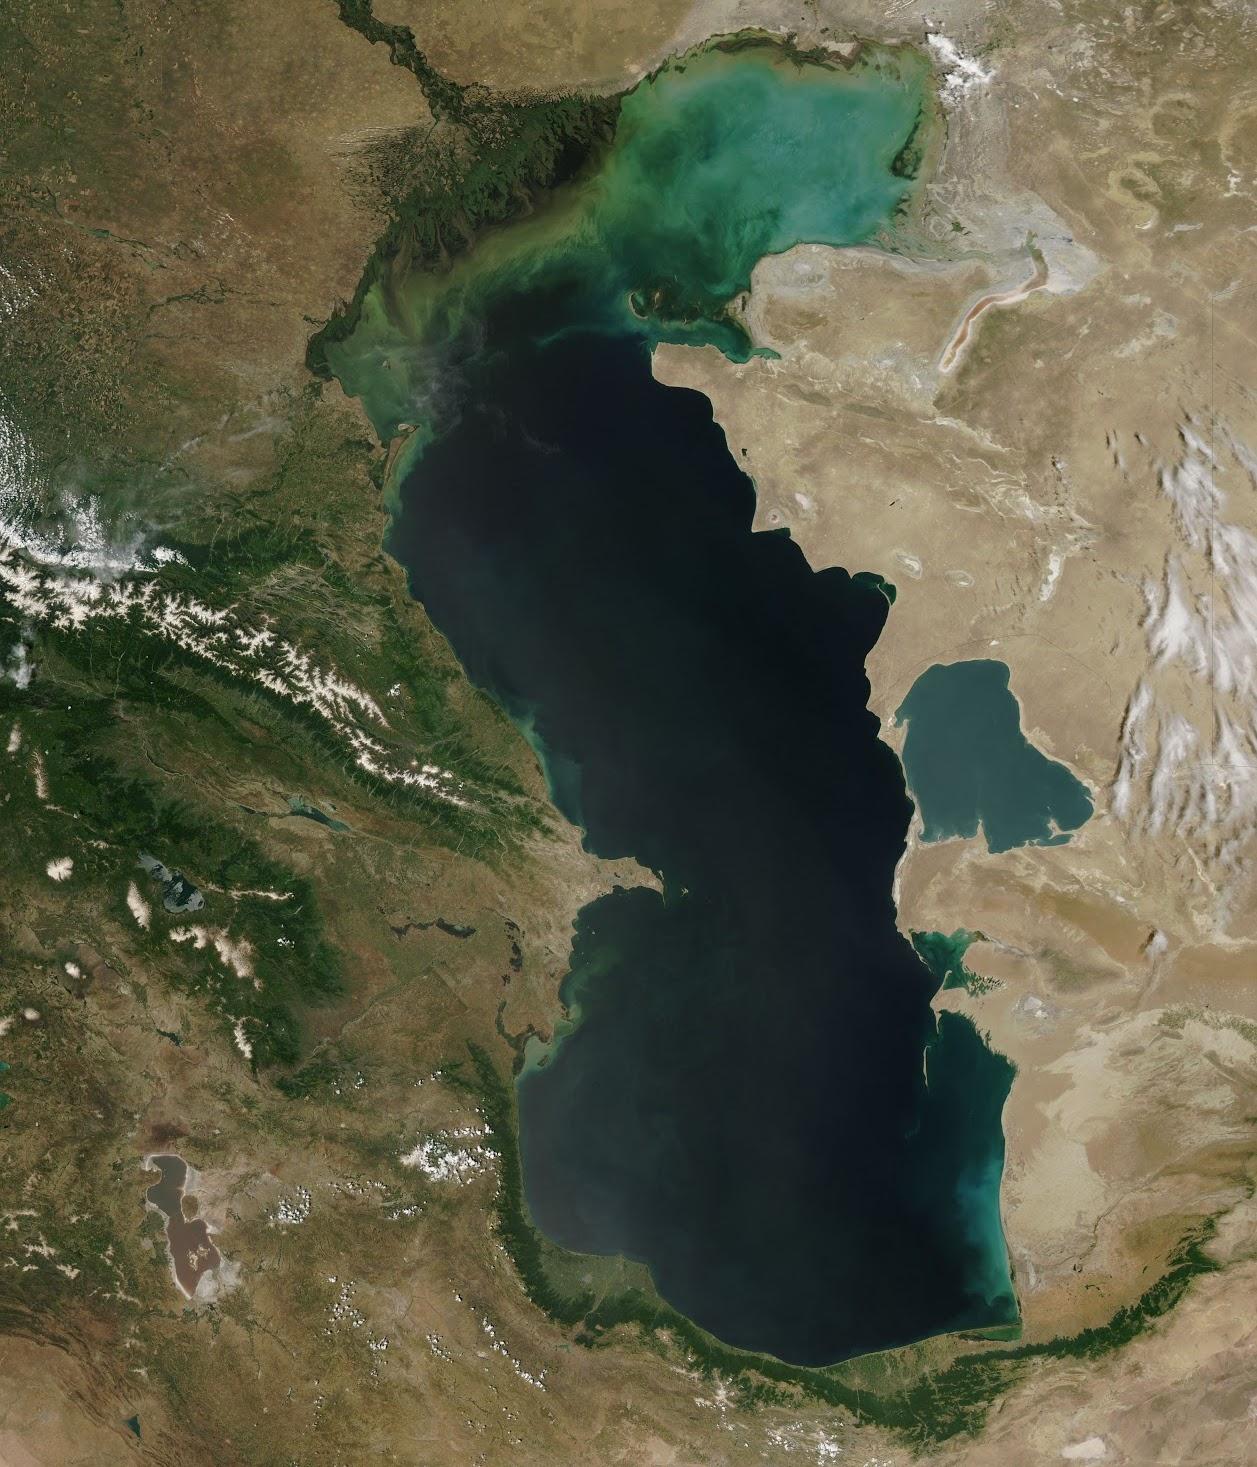 caspian_sea_azerbaijan